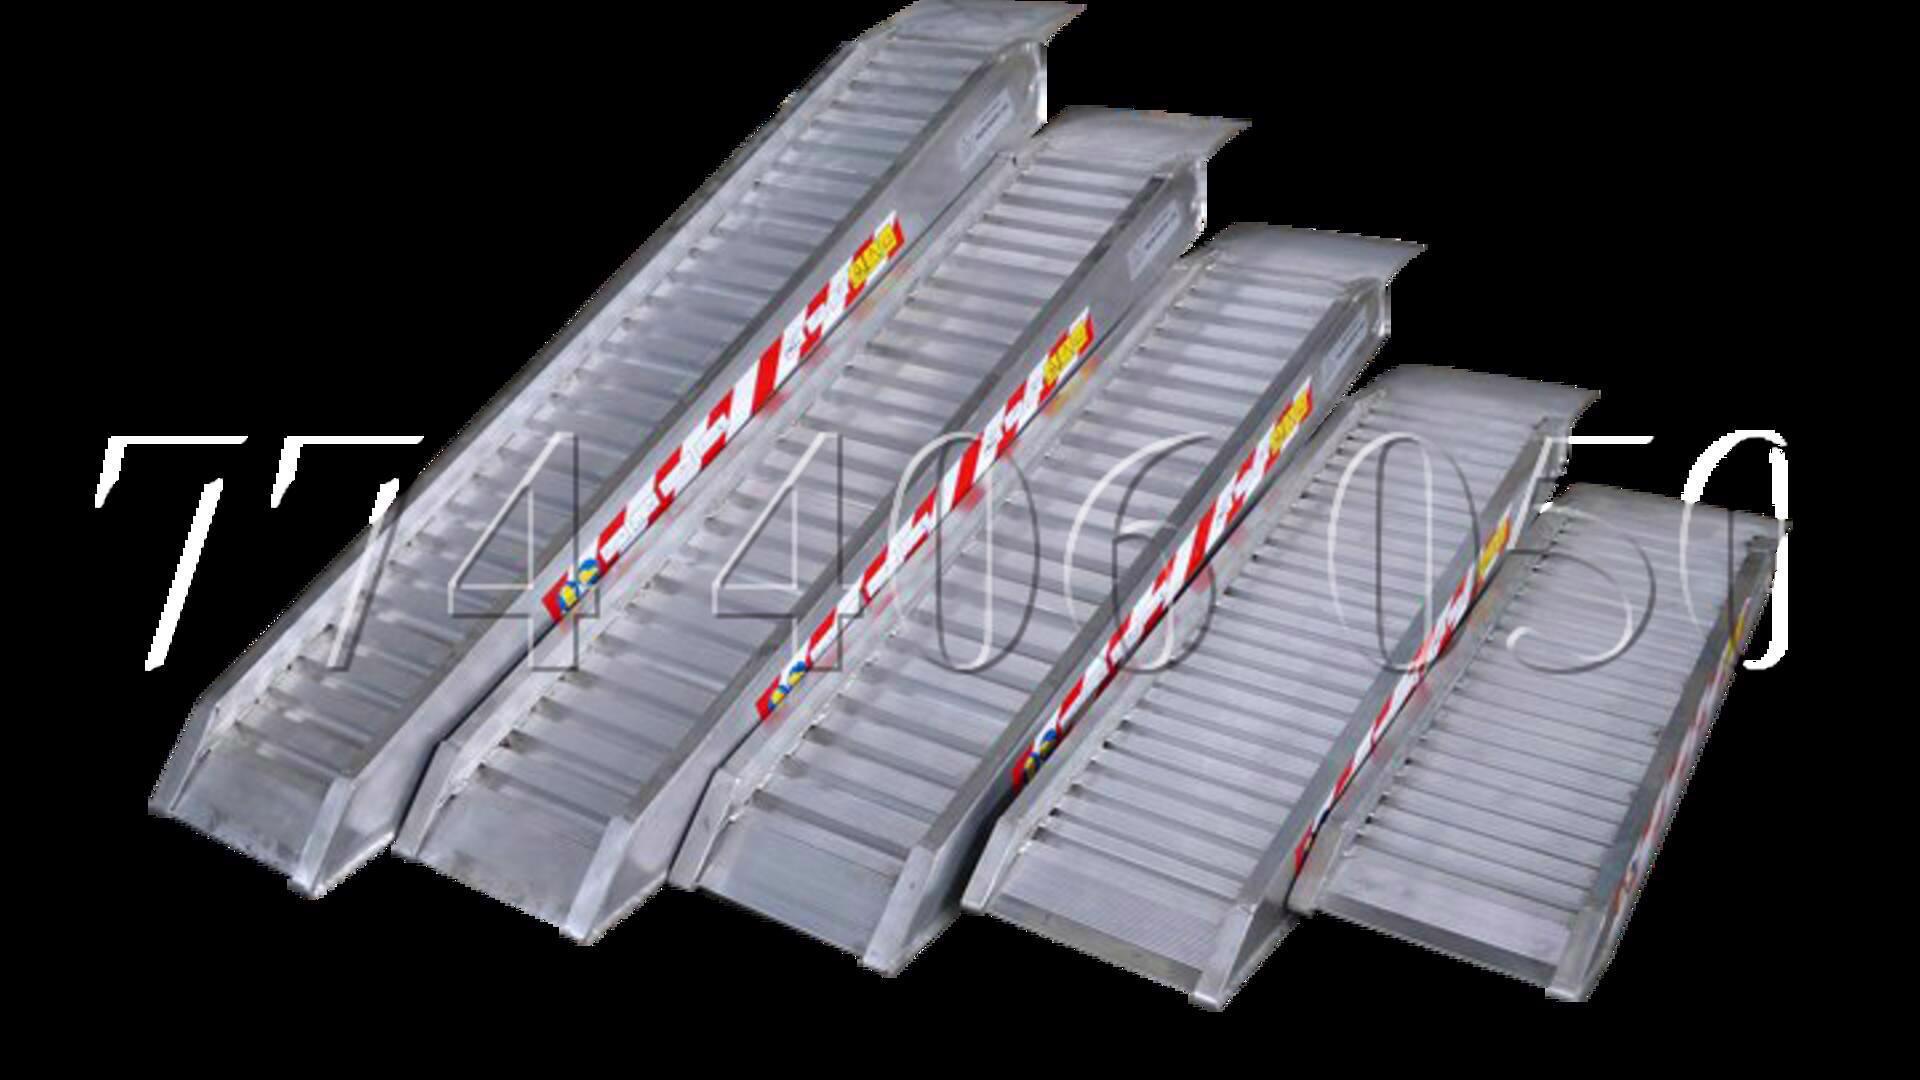 Prodám hliníkové nájezdy, rampy. Nájezdy pro vozíčkáře (OZP) - foto 1